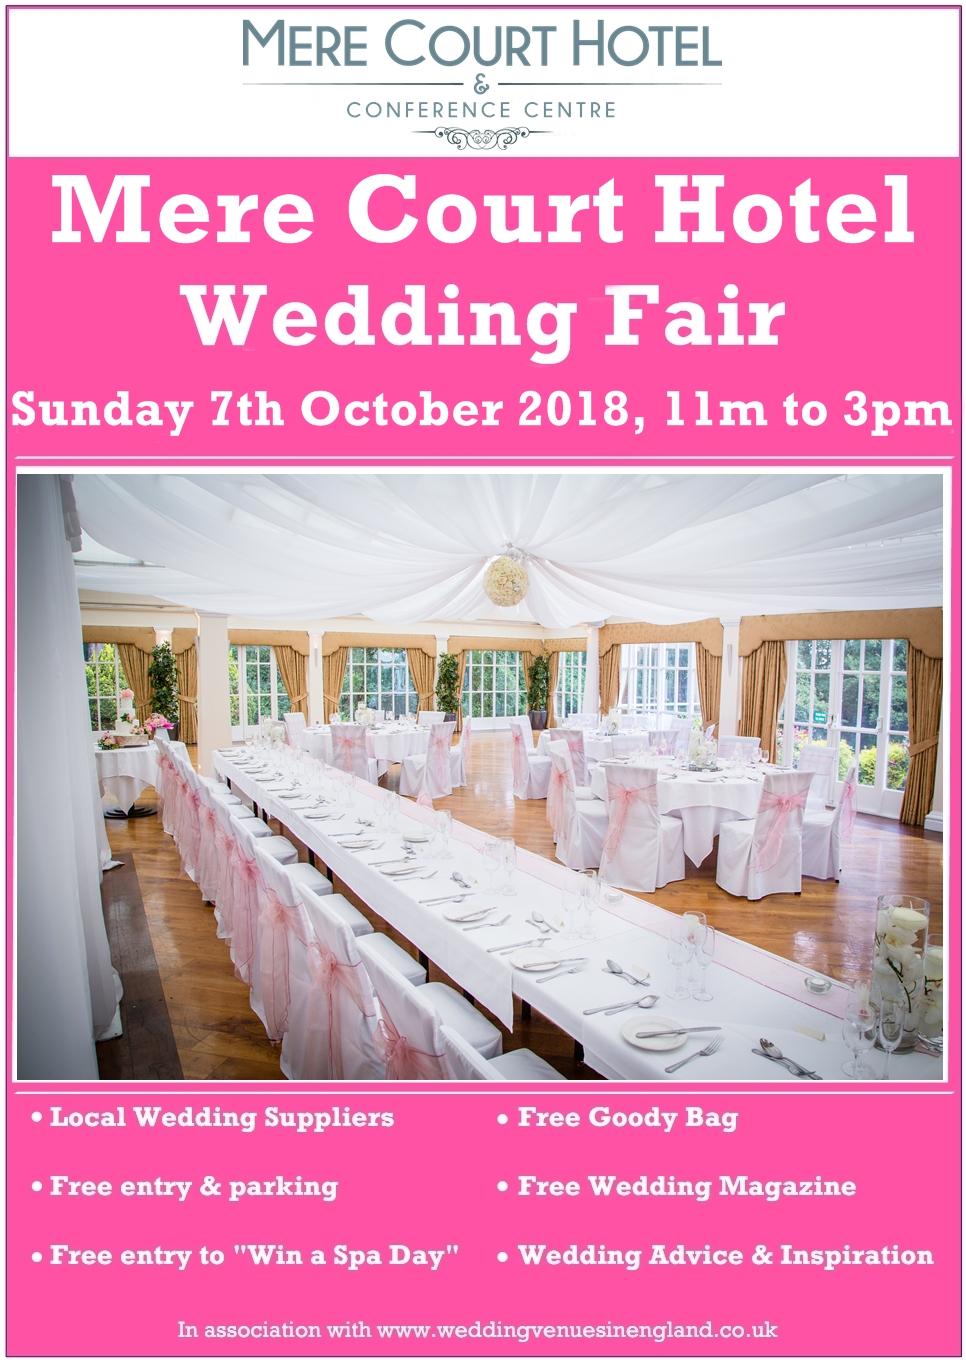 mere court hotel wedding fair